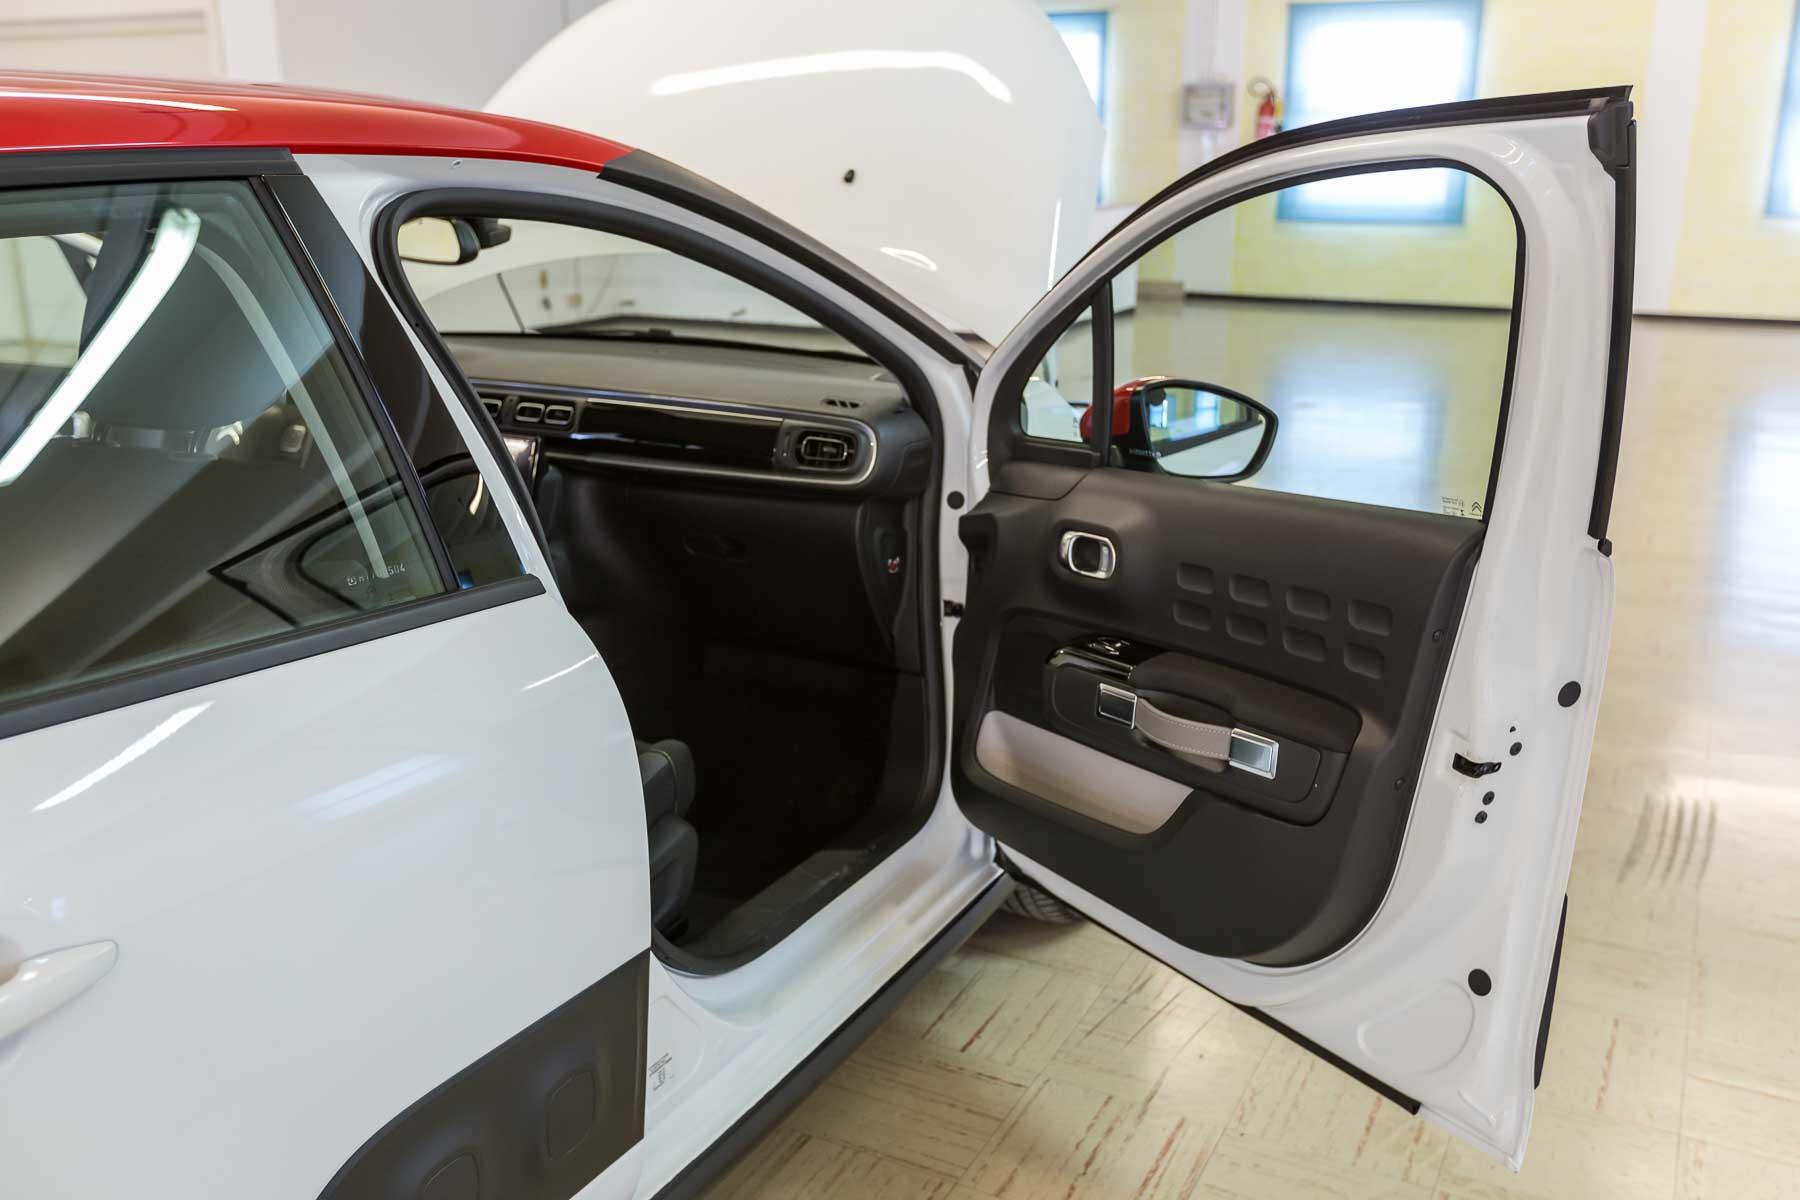 Citroen Interni C3 Shine Bianca Tetto Rosso Km0 Porte Anteriore